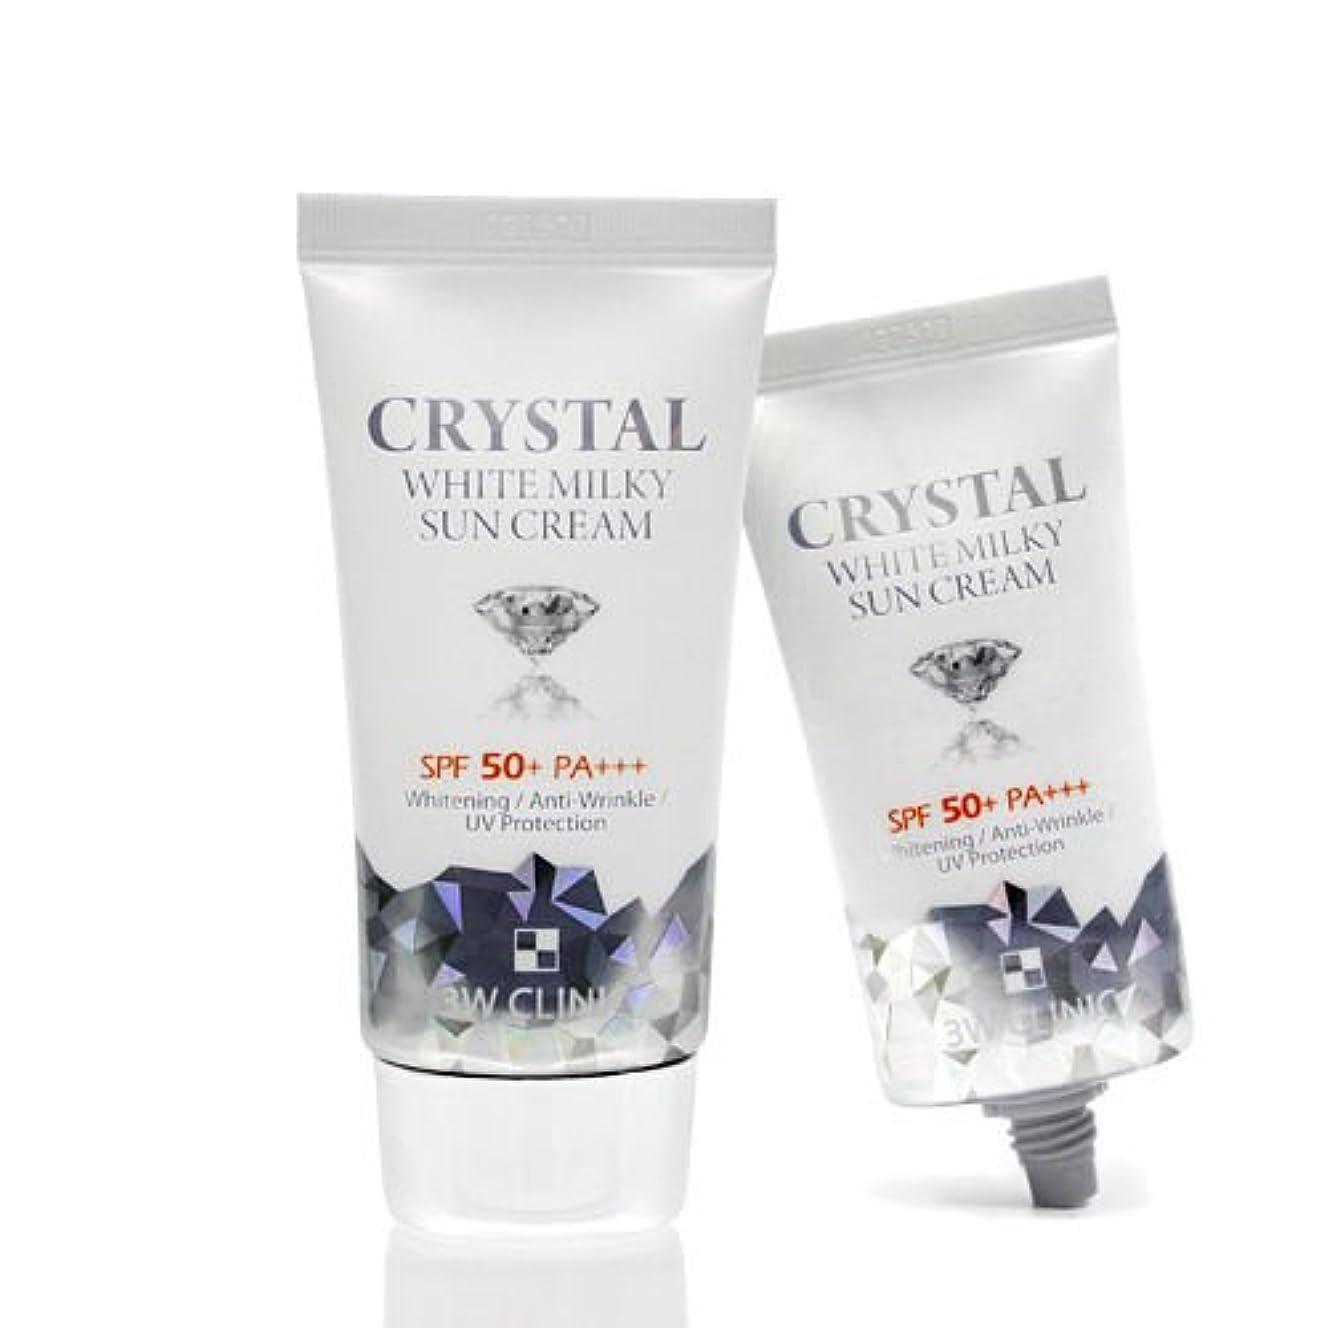 負ピアノドラッグ3Wクリニック[韓国コスメ3w Clinic]Crystal White Milky Sun Cream クリスタルホワイトミルキー 日焼け止めクリーム50ml[並行輸入品]